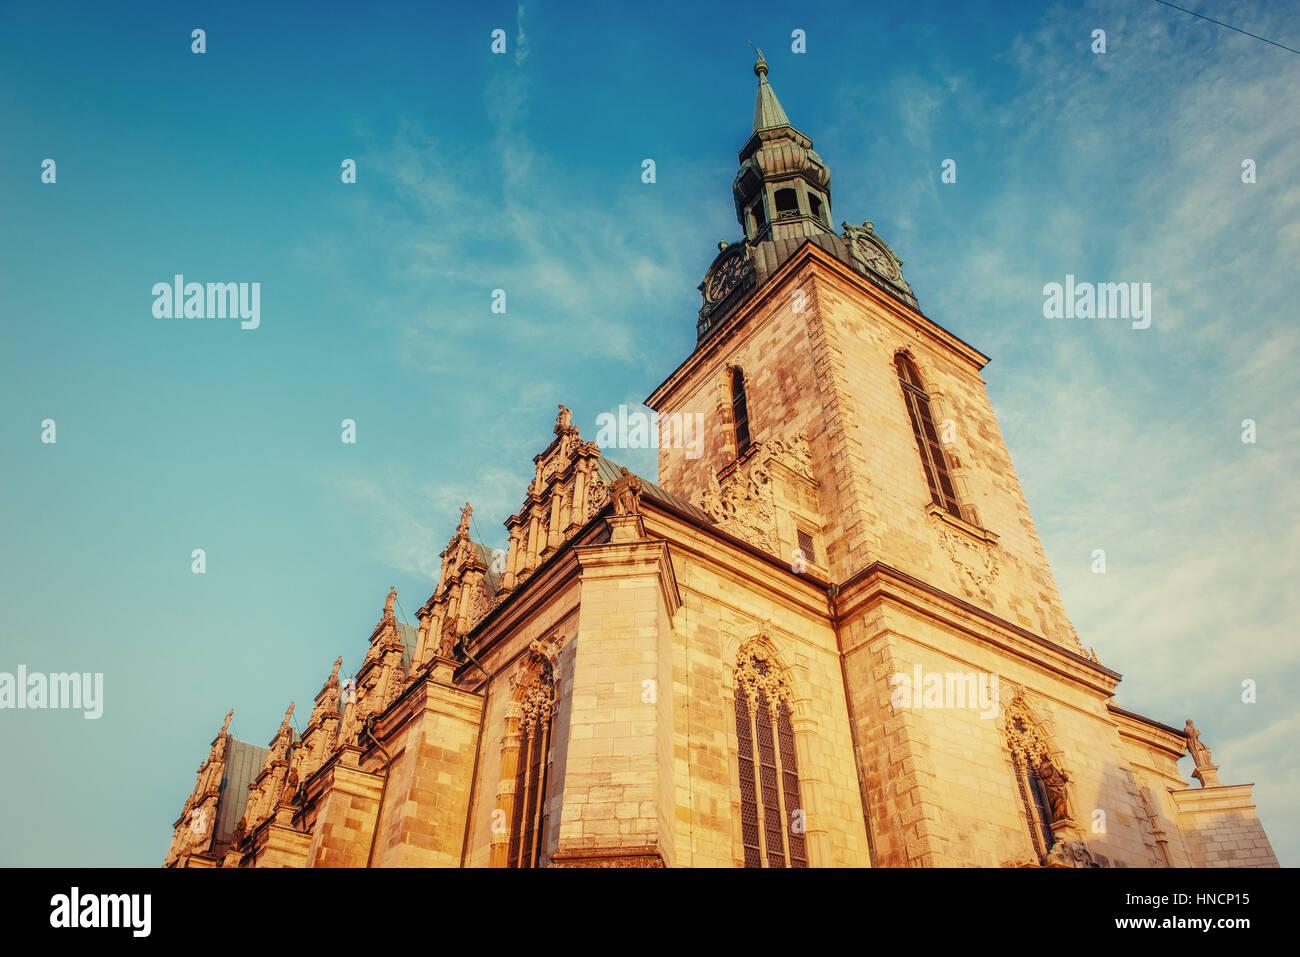 Chiesa della Santa Trinità. Germania. La piccola Venezia. Europa Immagini Stock